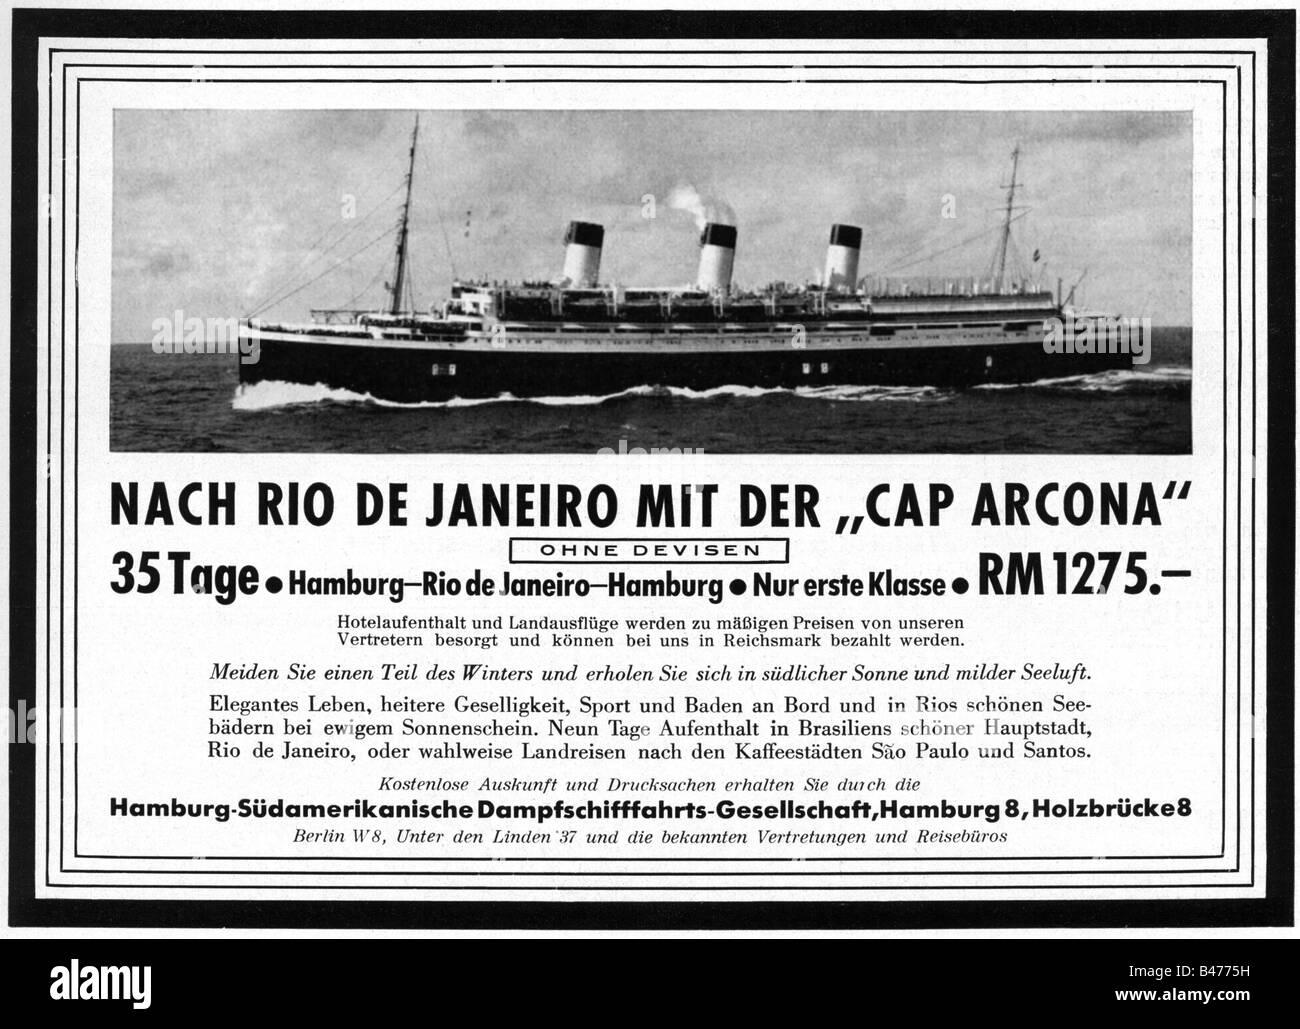 """Publicidad, turismo, viajes, viaje a Rio de Janeiro, Hamburg South American Steam Ship Company, anuncio, """"Atlantis"""", Imagen De Stock"""